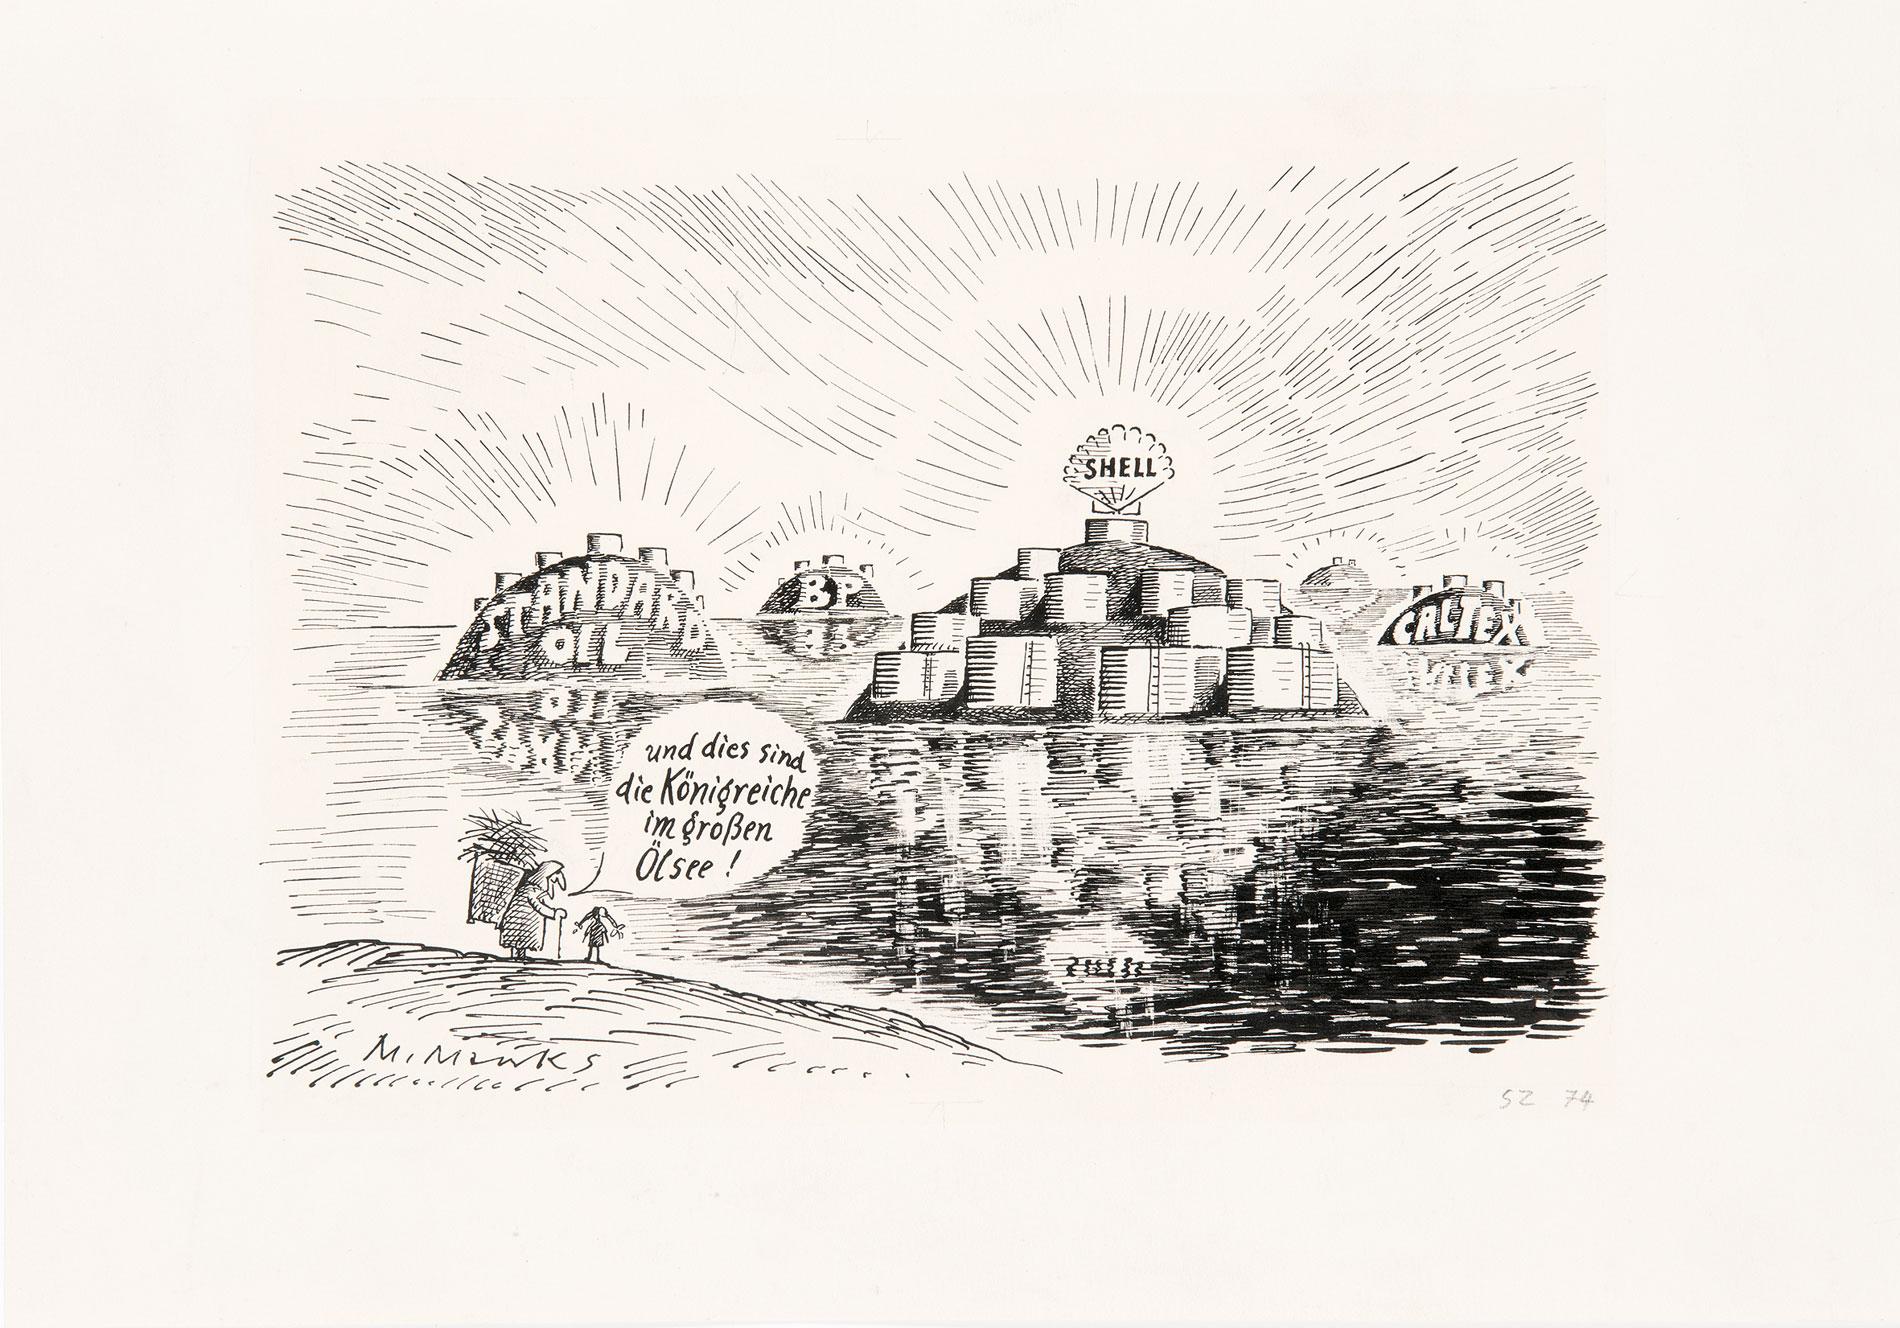 Marie Marcks, Karikatur für die Zeitung Vorwärts, 1978, 32×24 cm; Wilhelm Busch–Museum für Karikatur und Zeichenkunst, Hannover